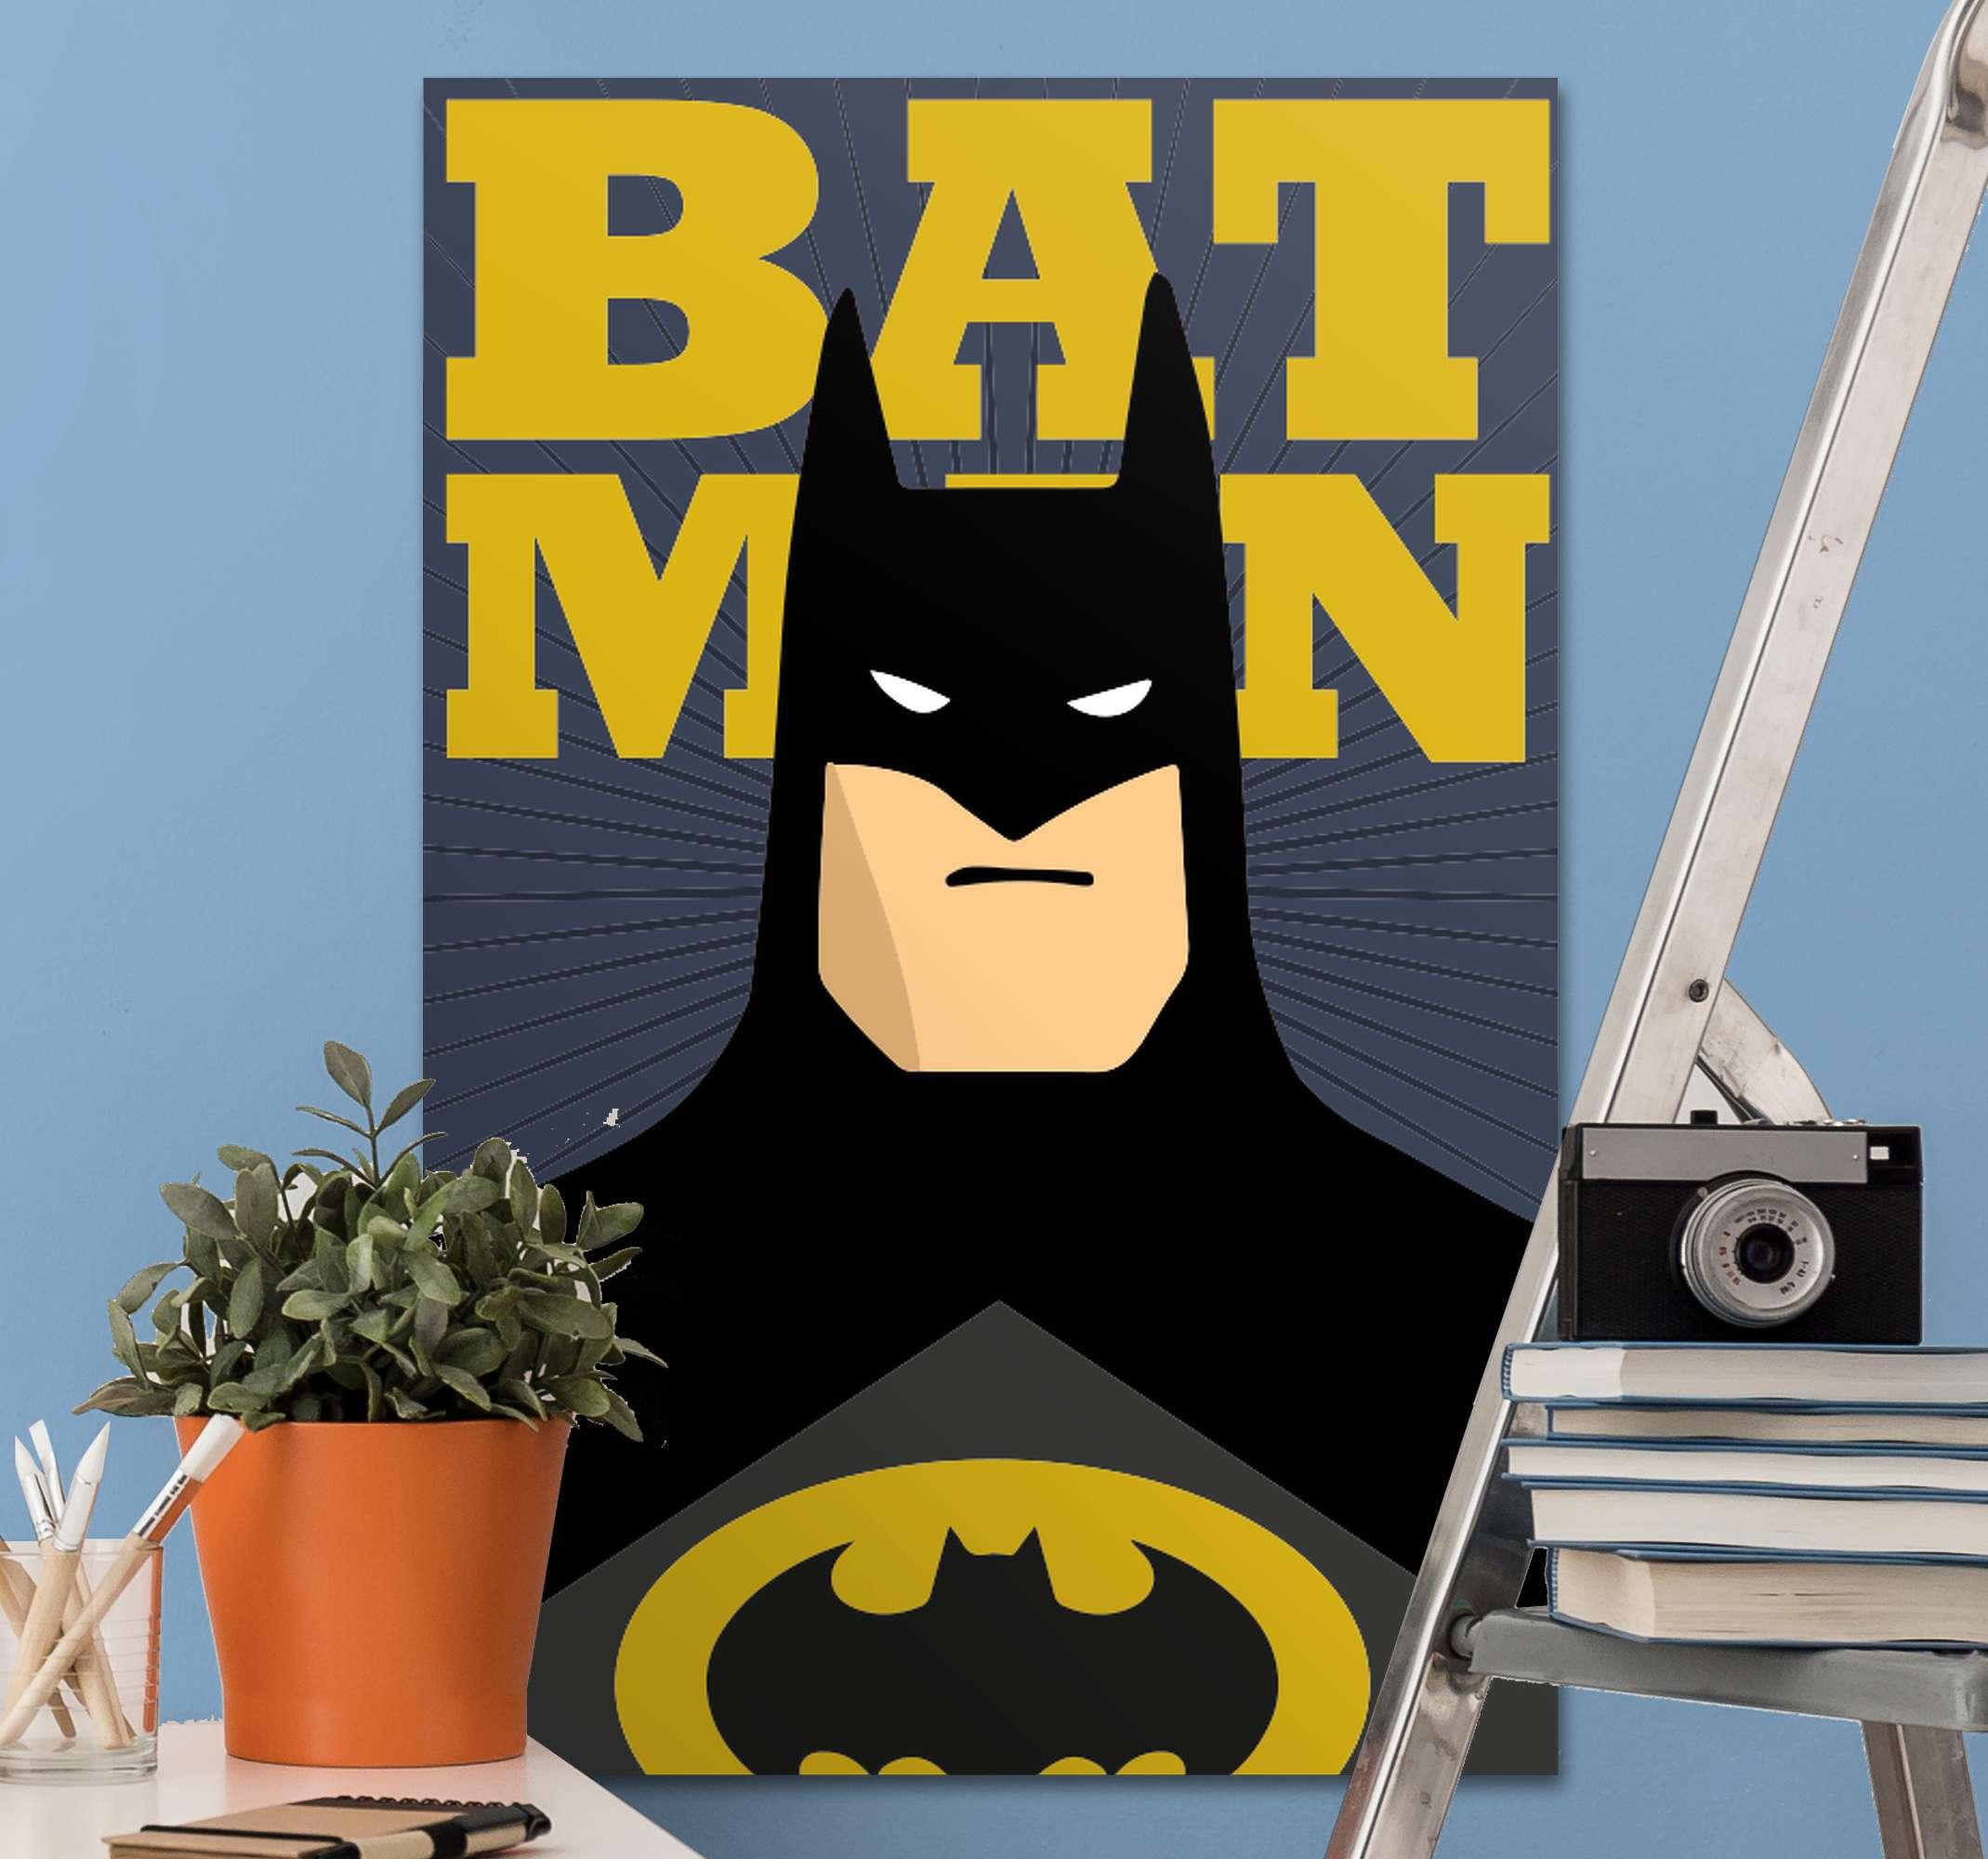 """Tenstickers. Superhéroes batman supersankari canvastaulu. Kangaskuva batmanilla. Siinä näkyy batmanin rintakuva mustassa asussa ja teksti """"batman"""". Valmistettu korkealaatuisista materiaaleista. Tarkista se!"""